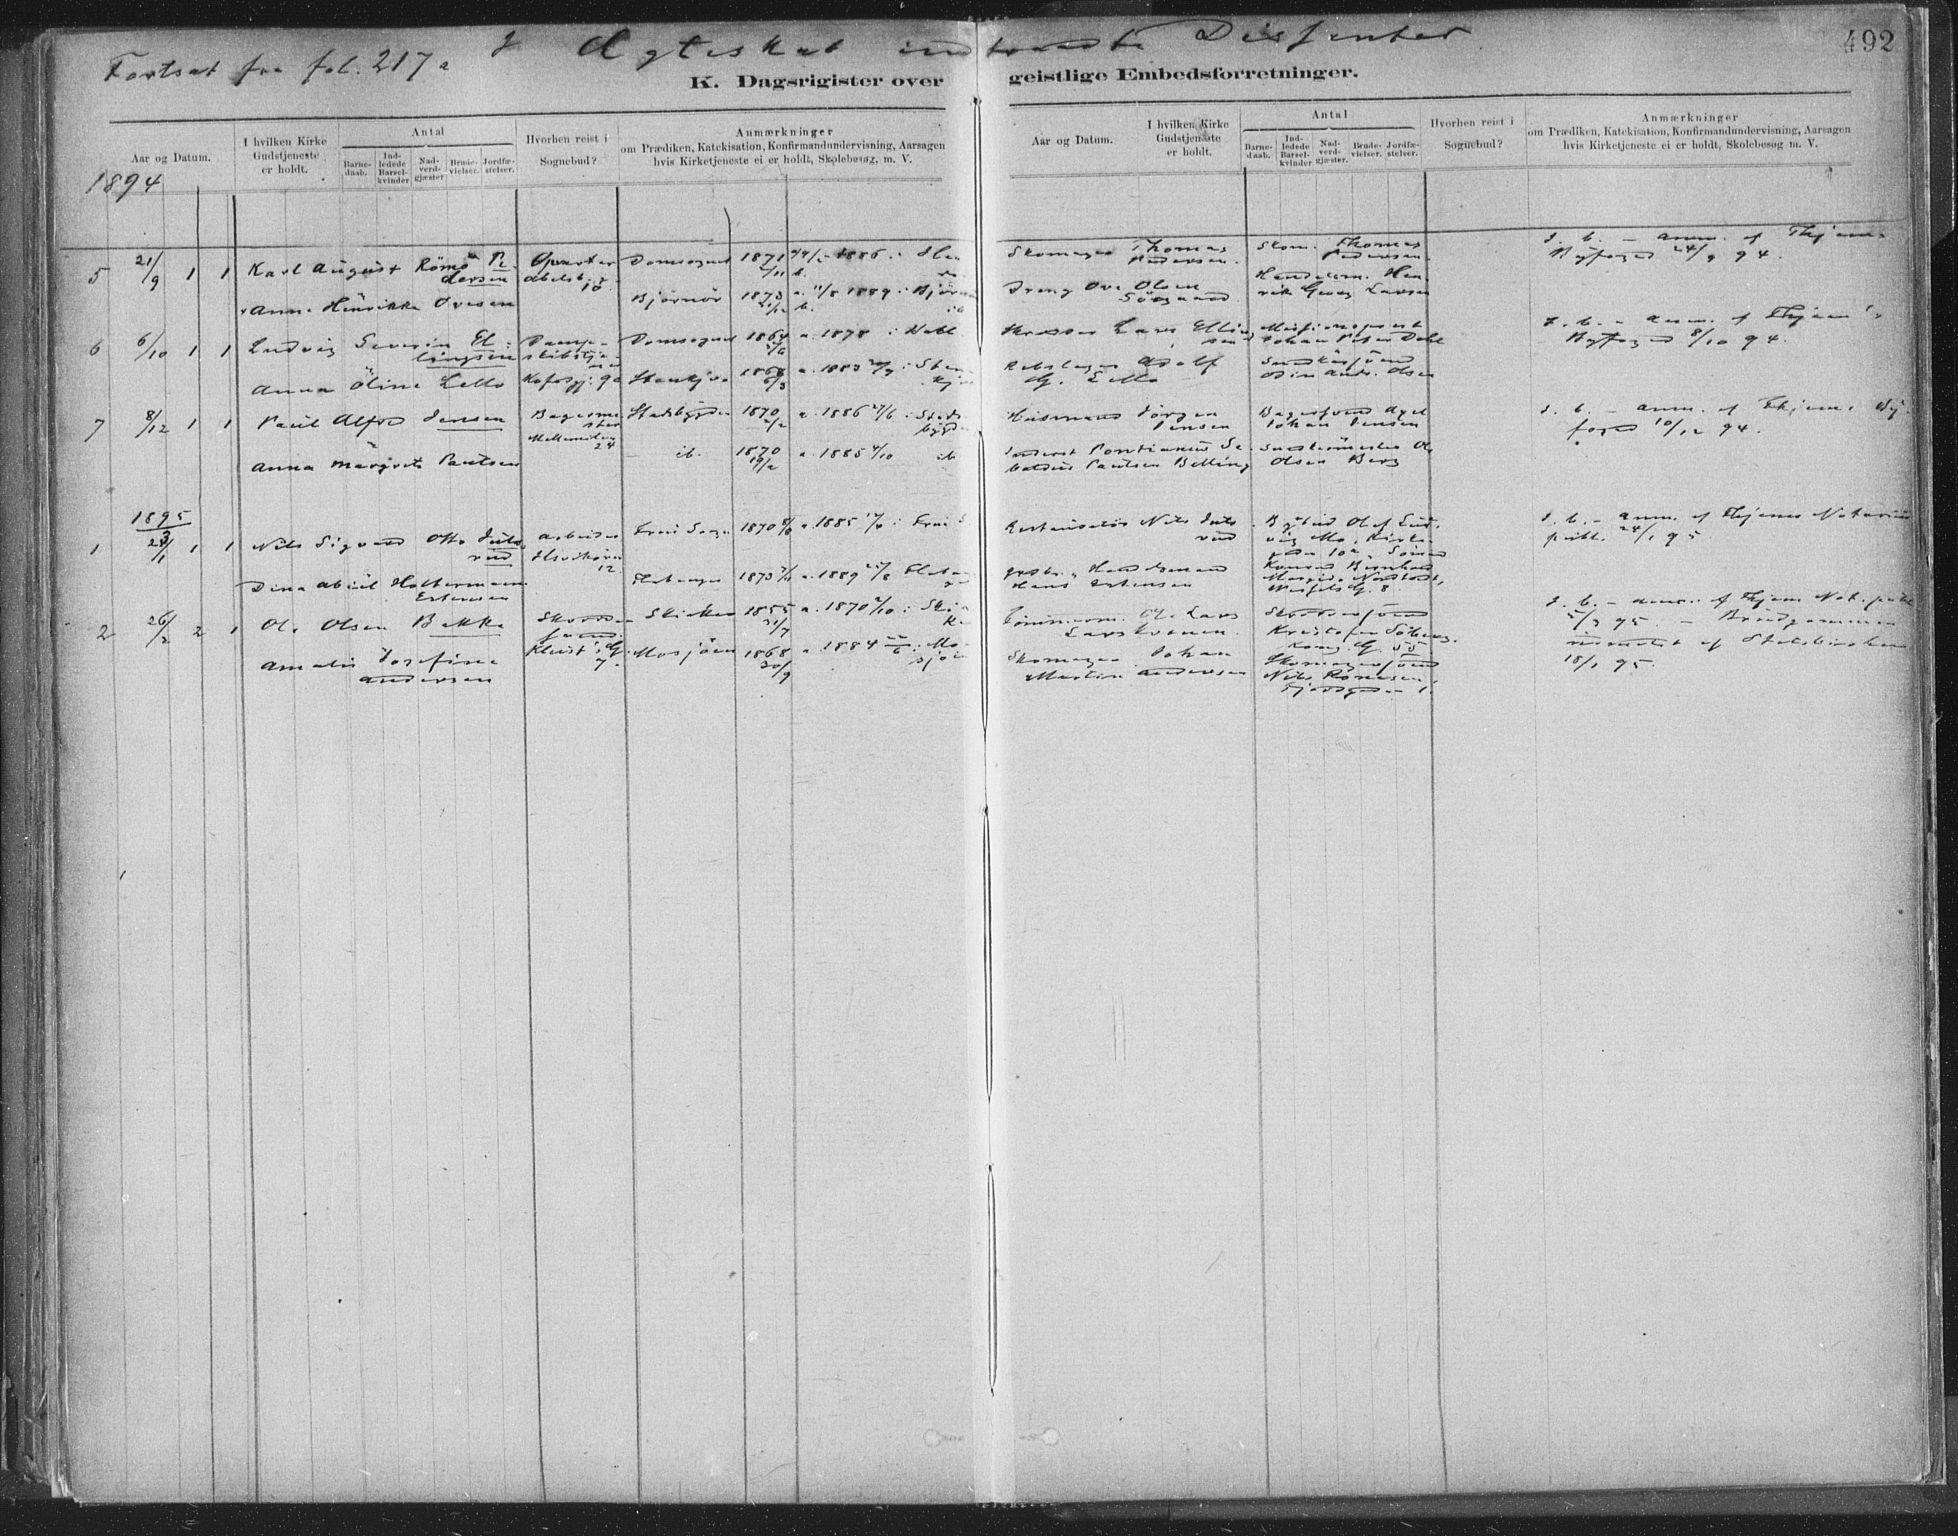 SAT, Ministerialprotokoller, klokkerbøker og fødselsregistre - Sør-Trøndelag, 603/L0163: Ministerialbok nr. 603A02, 1879-1895, s. 492